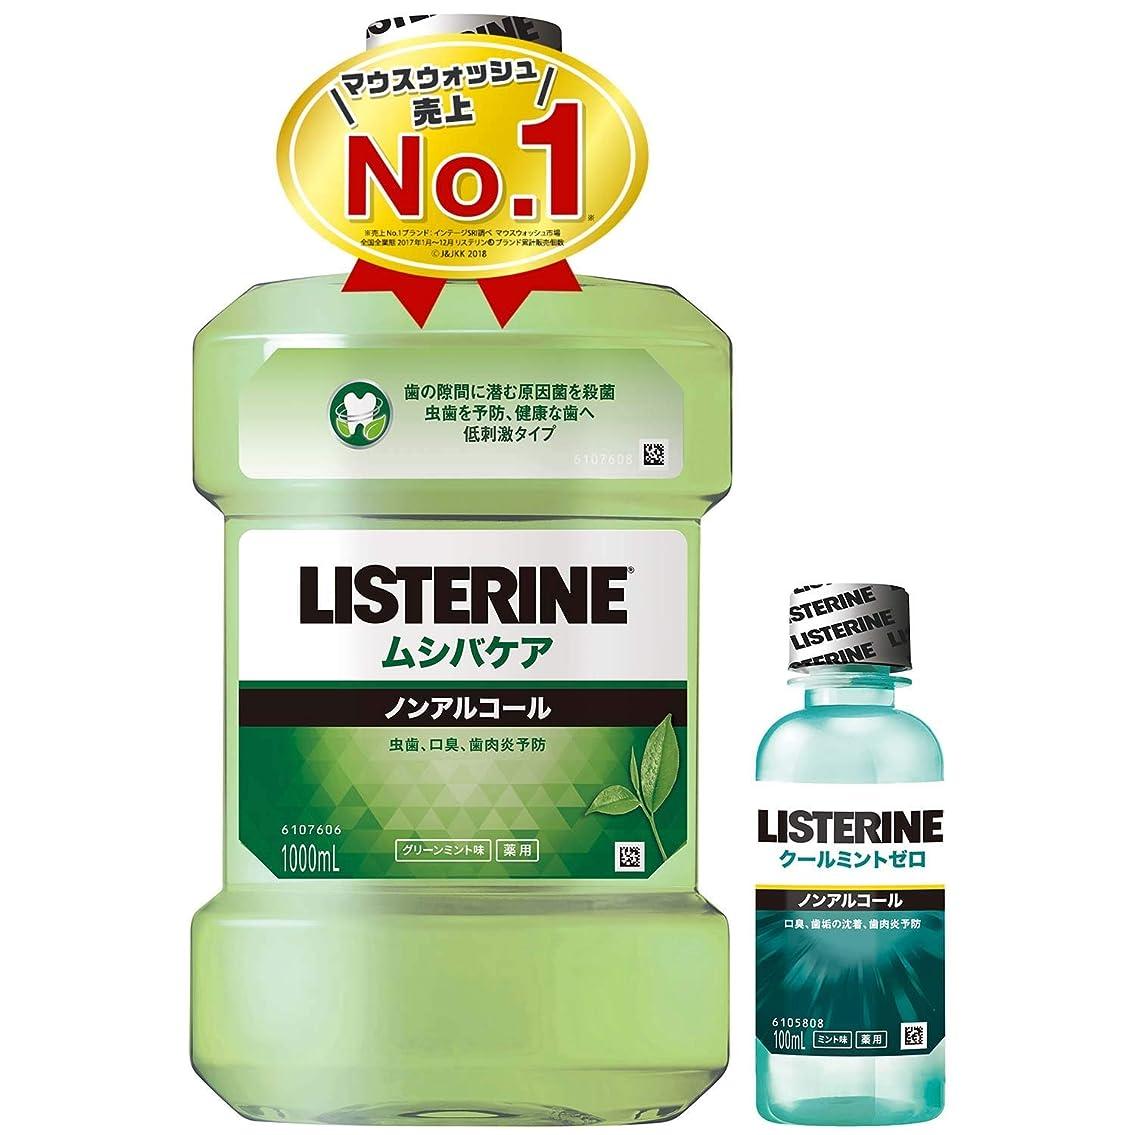 リス買うストレンジャー[医薬部外品] 薬用 LISTERINE(リステリン) マウスウォッシュ ムシバケア 1000mL + おまけつき